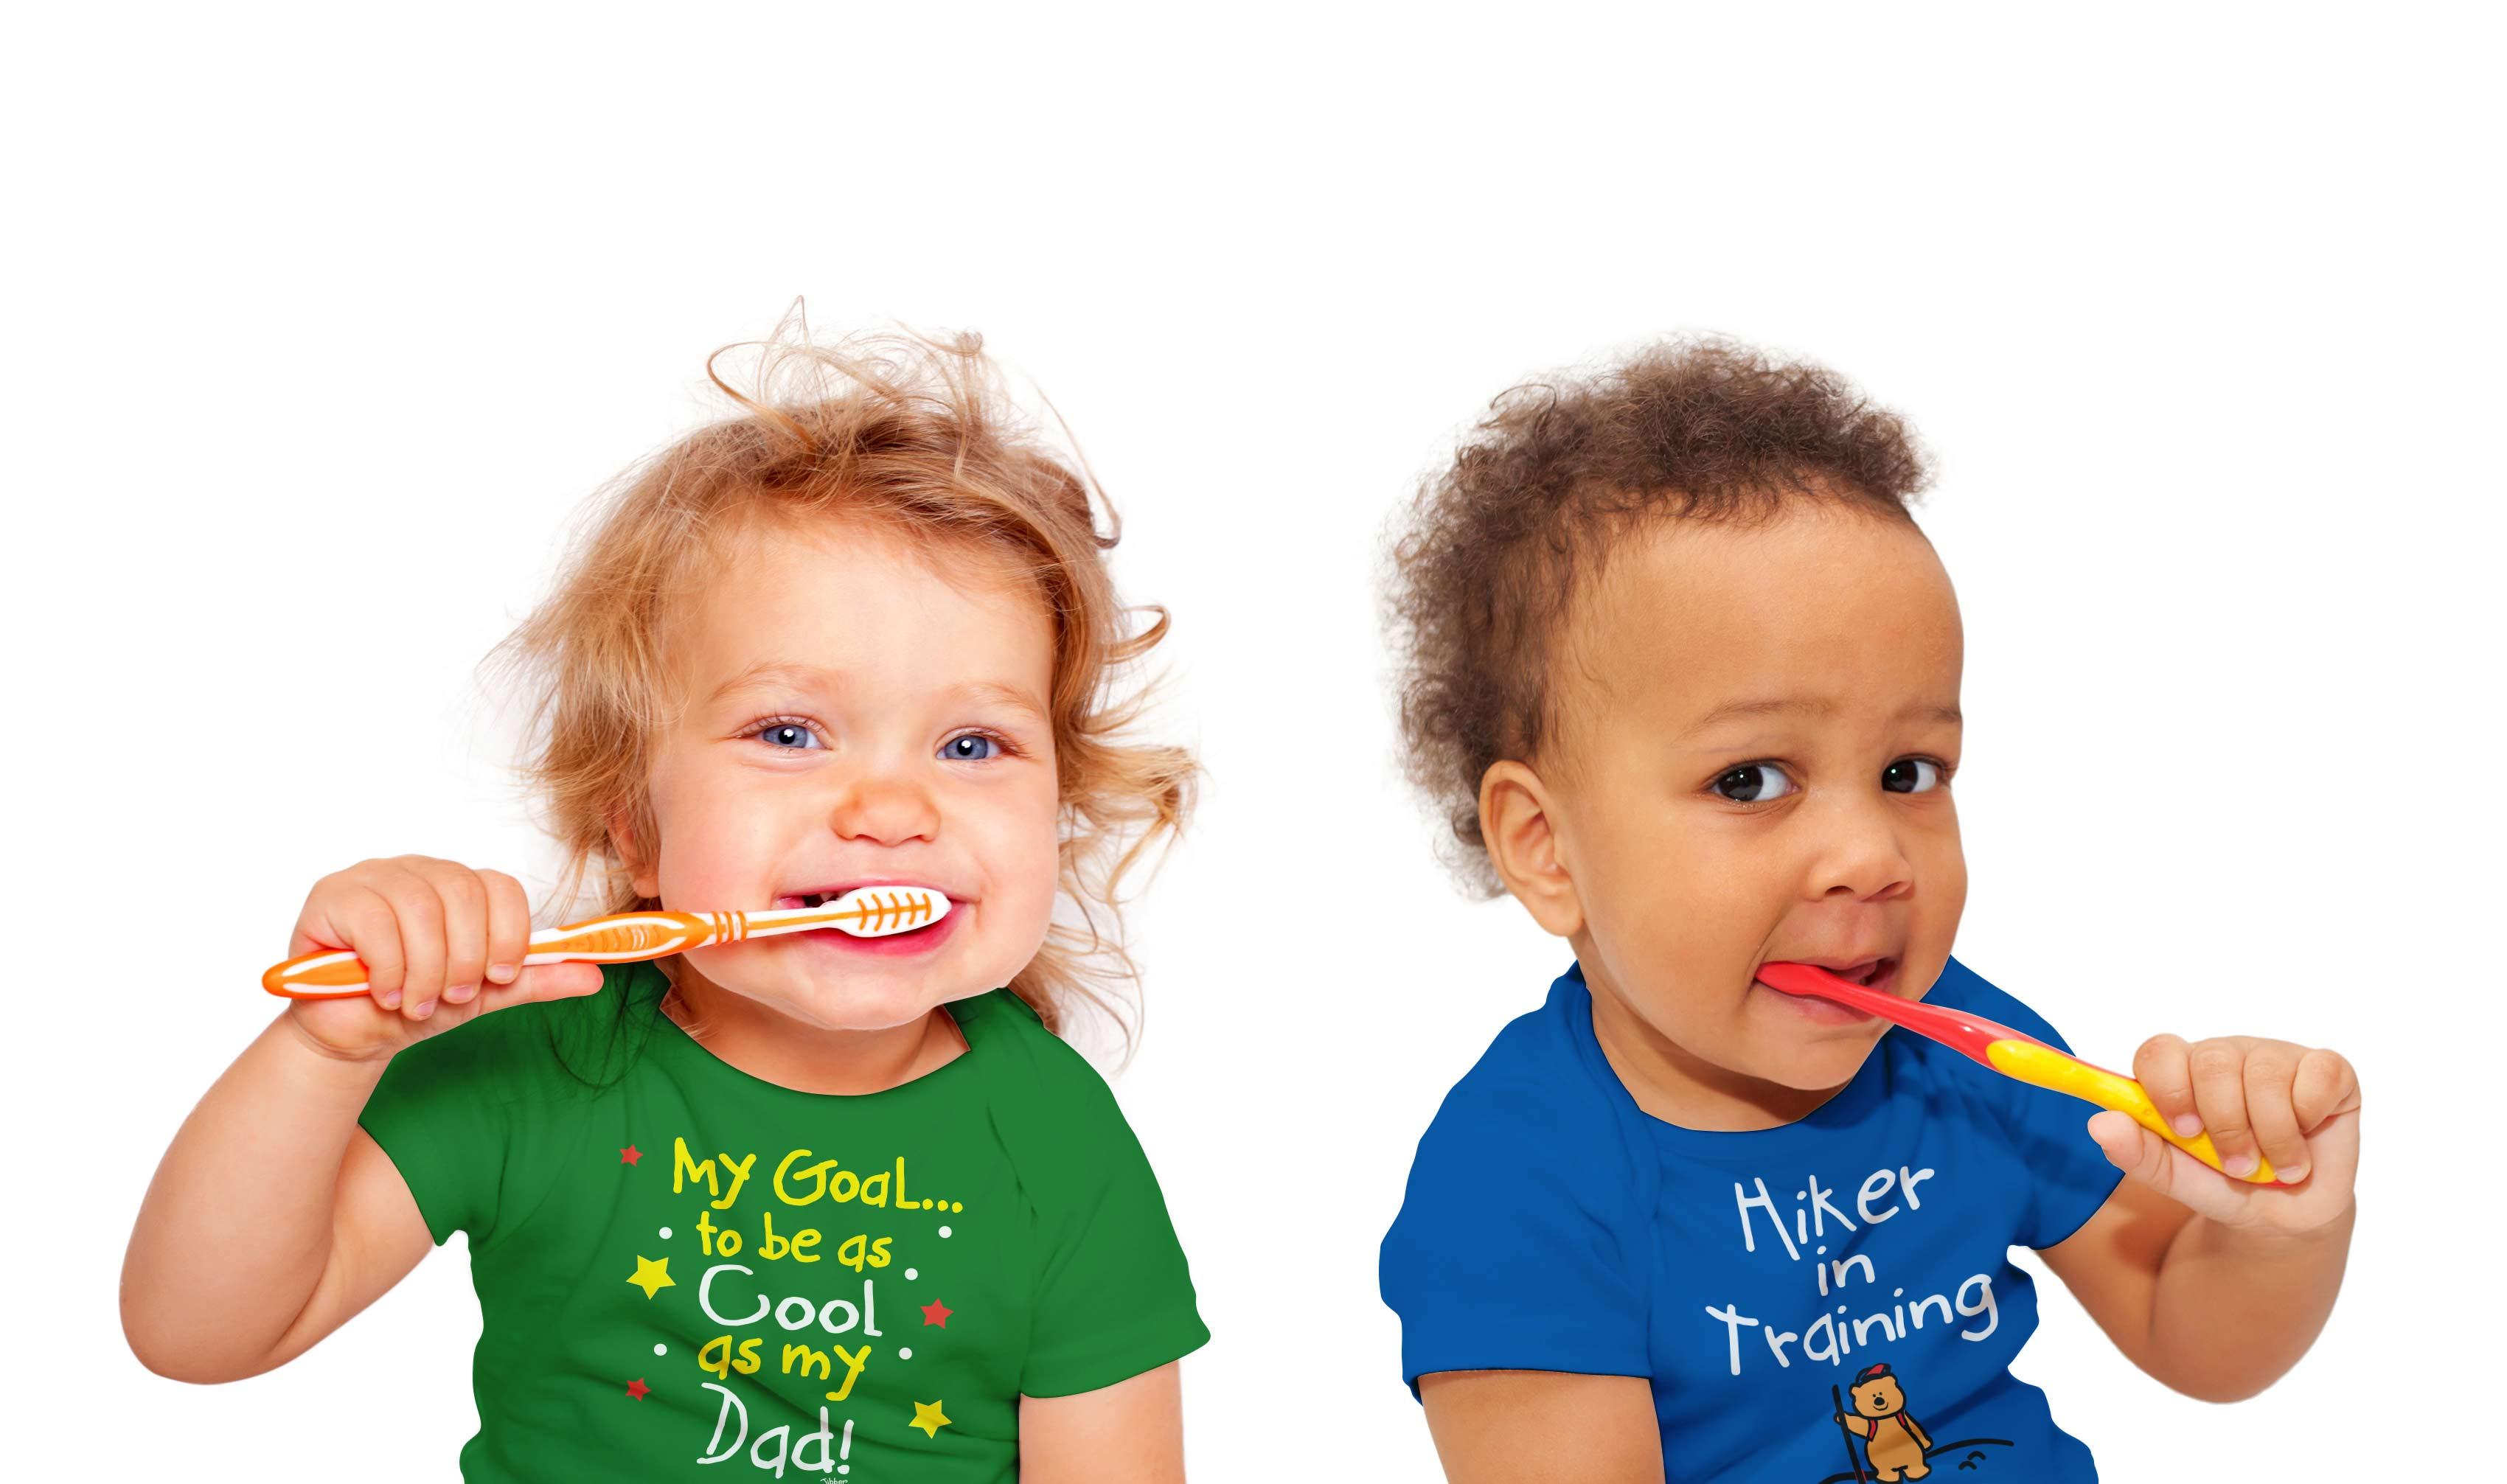 Jibber Jabbers Children's Clothing